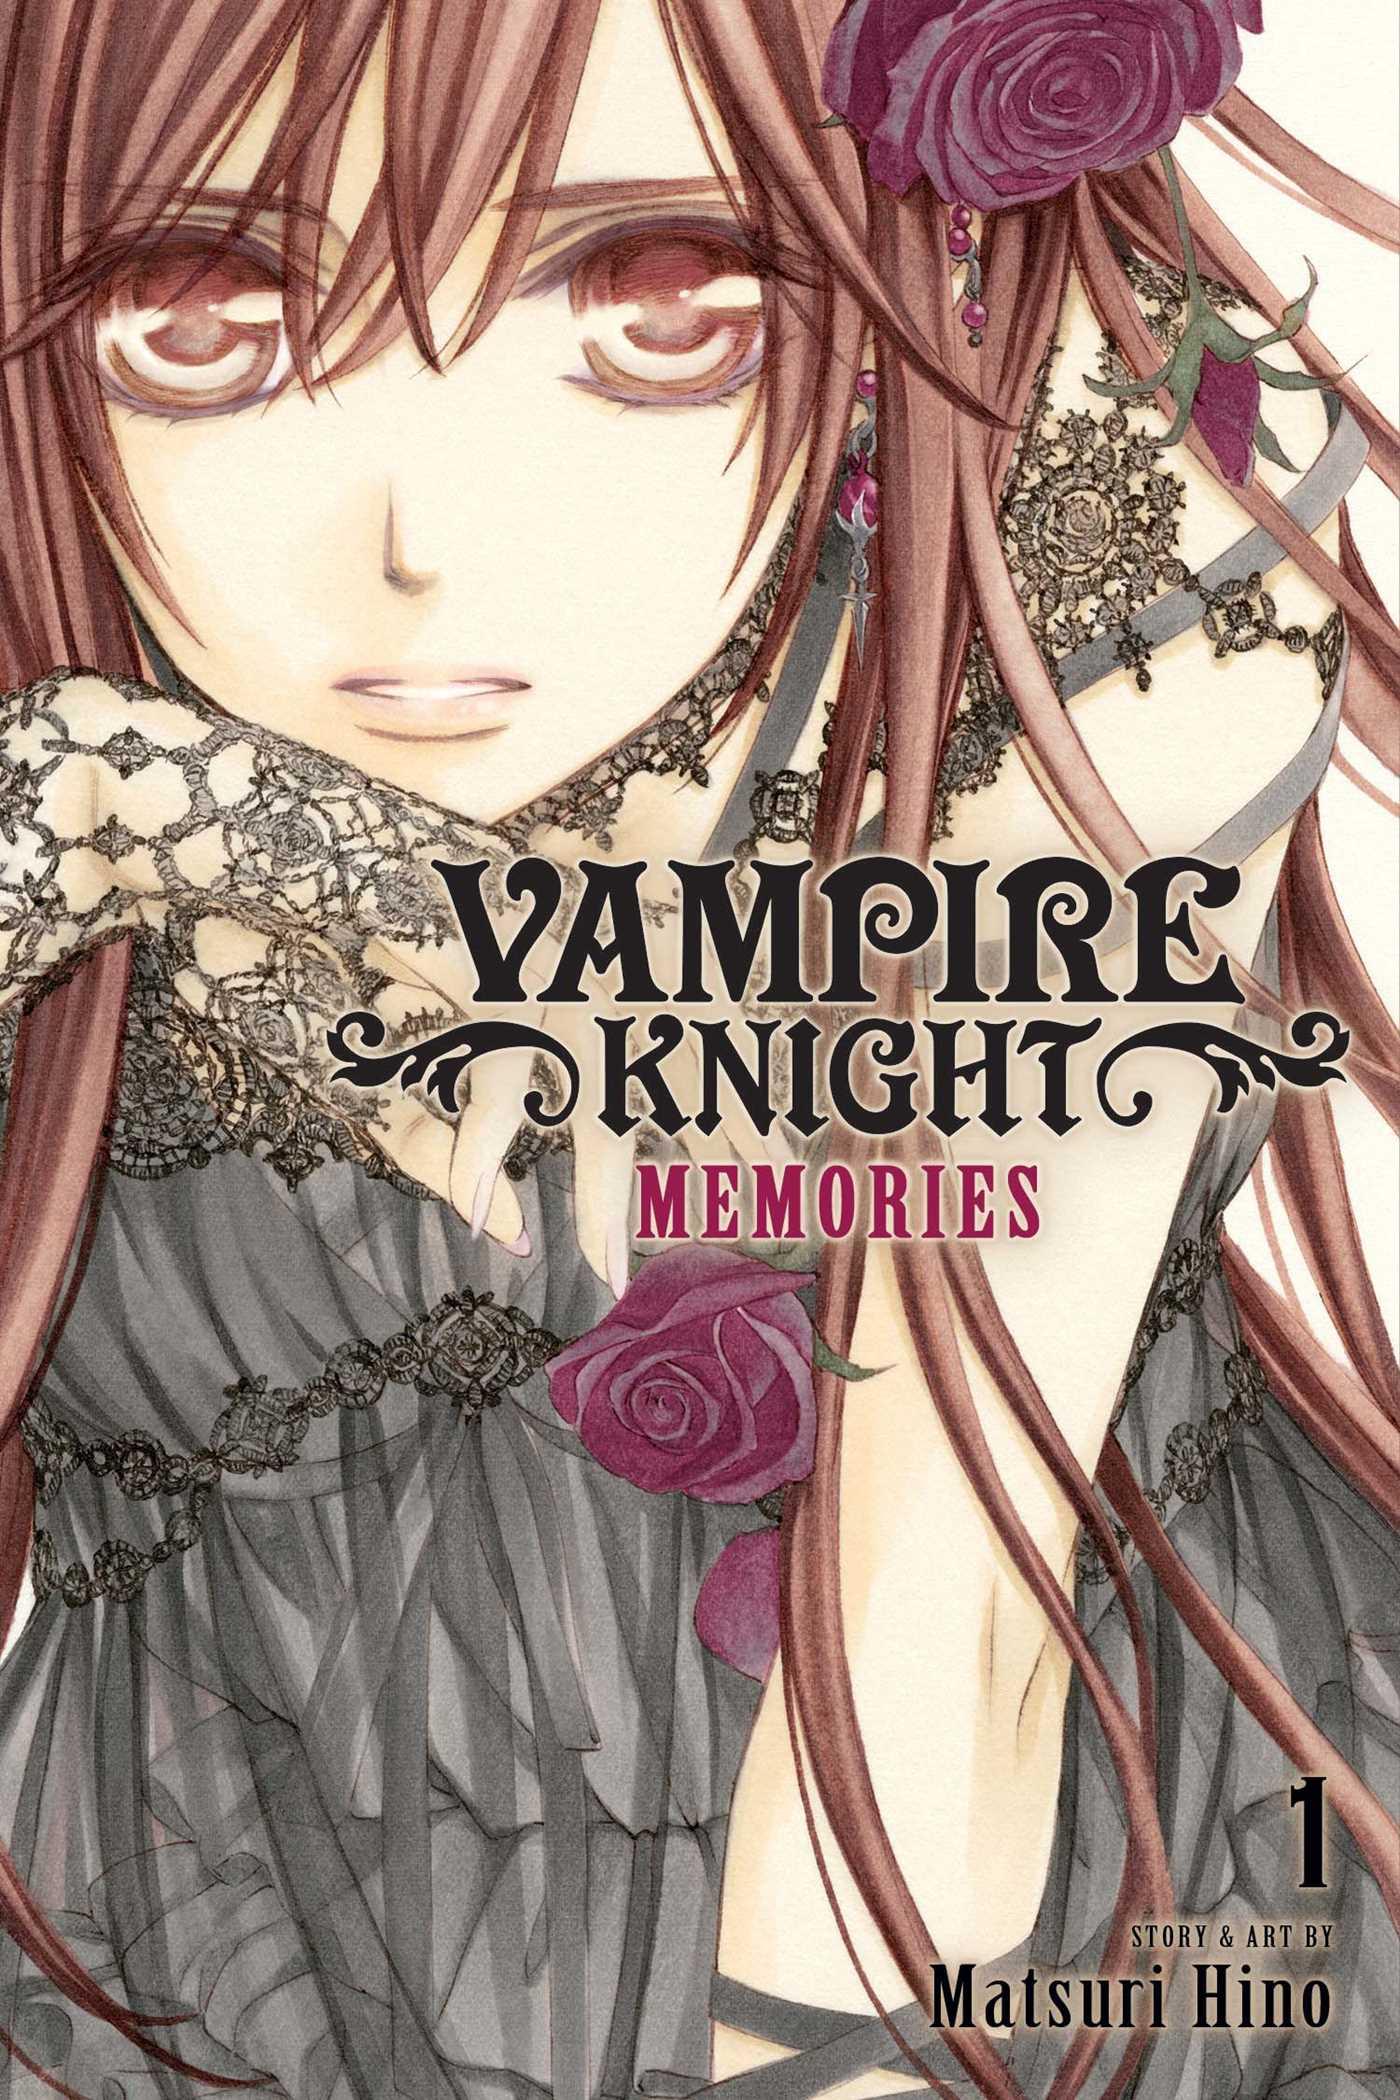 Vampire knight memories manga volume 1